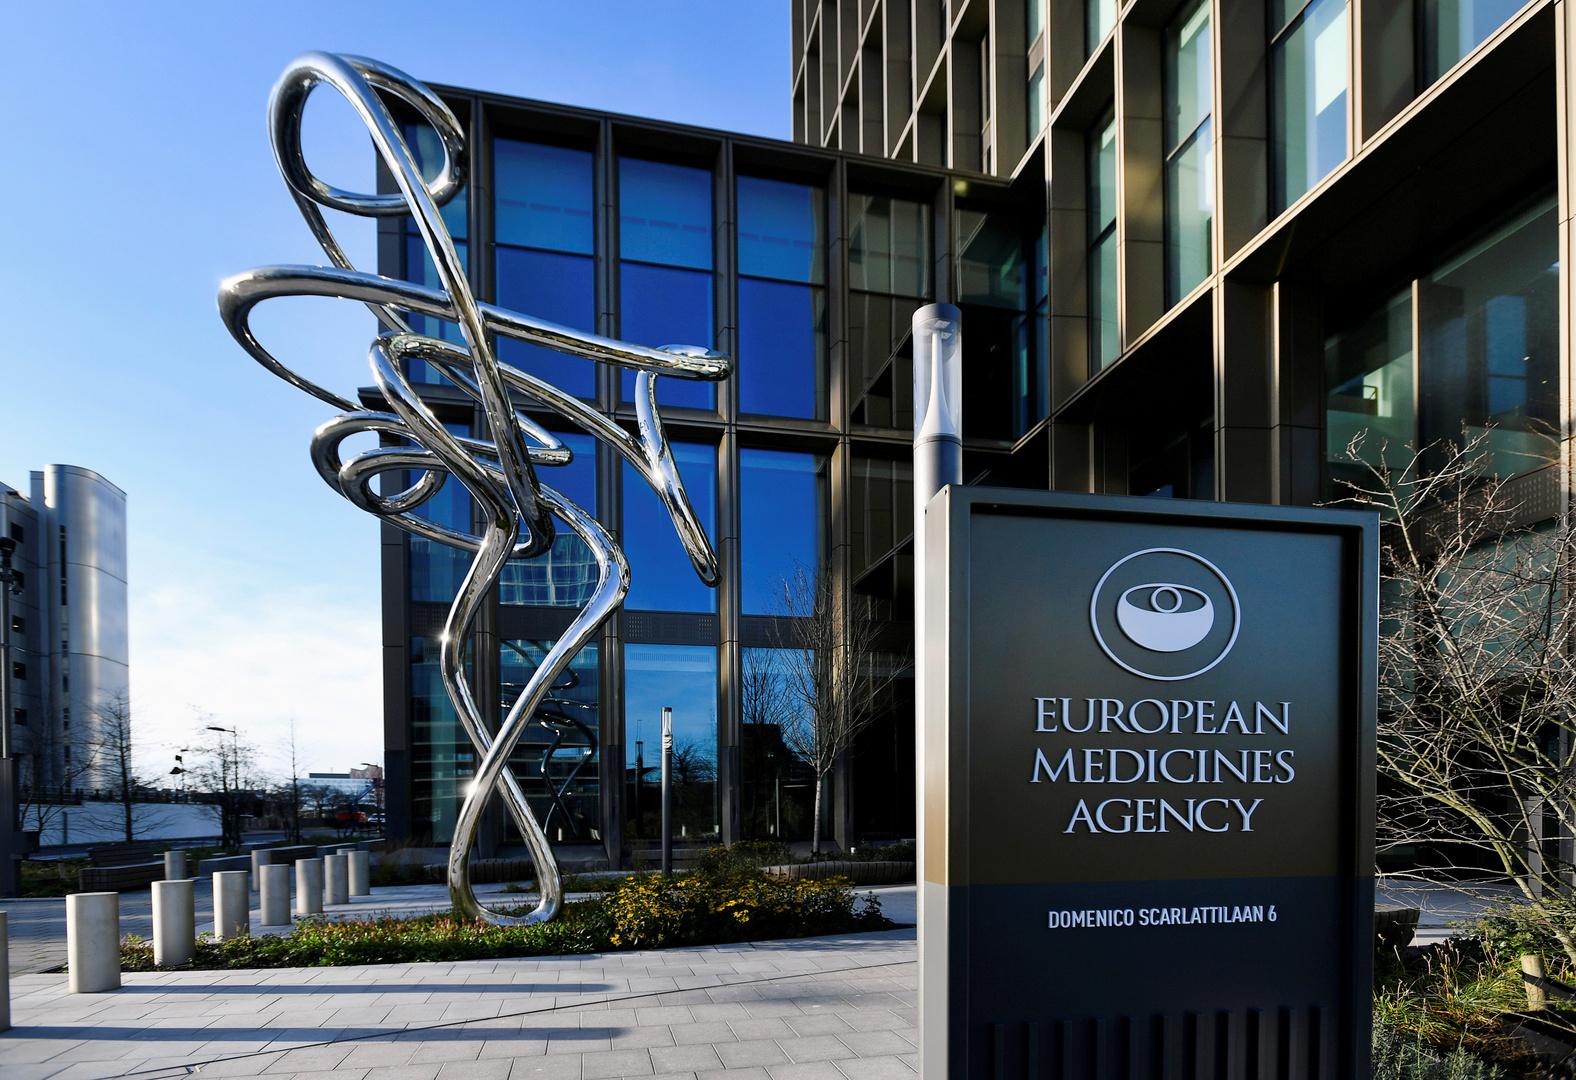 وكالة الأدوية الأوروبية تبدأ الاختبارات المتعلقة بتسجيل لقاح